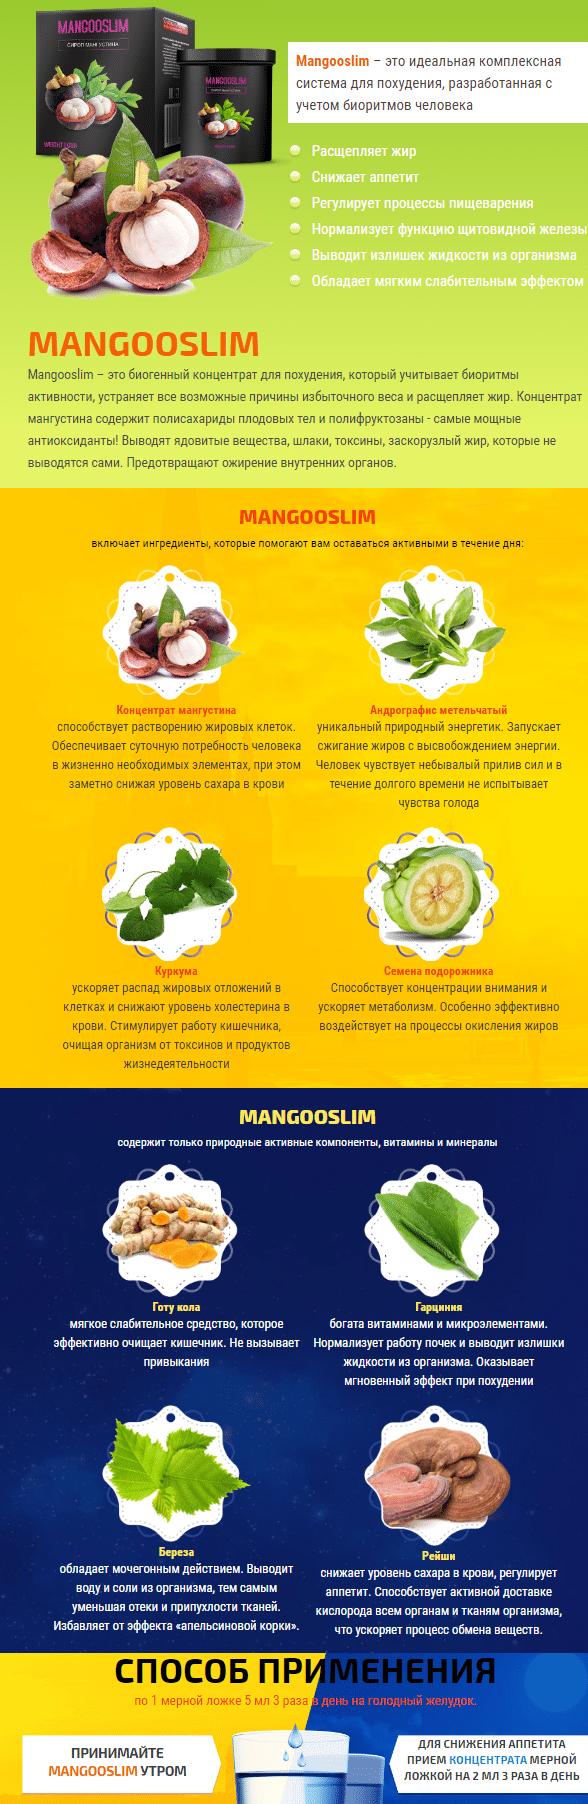 Mangosteen Slim (Мангостин Слим) сироп мангустина для похудения купить